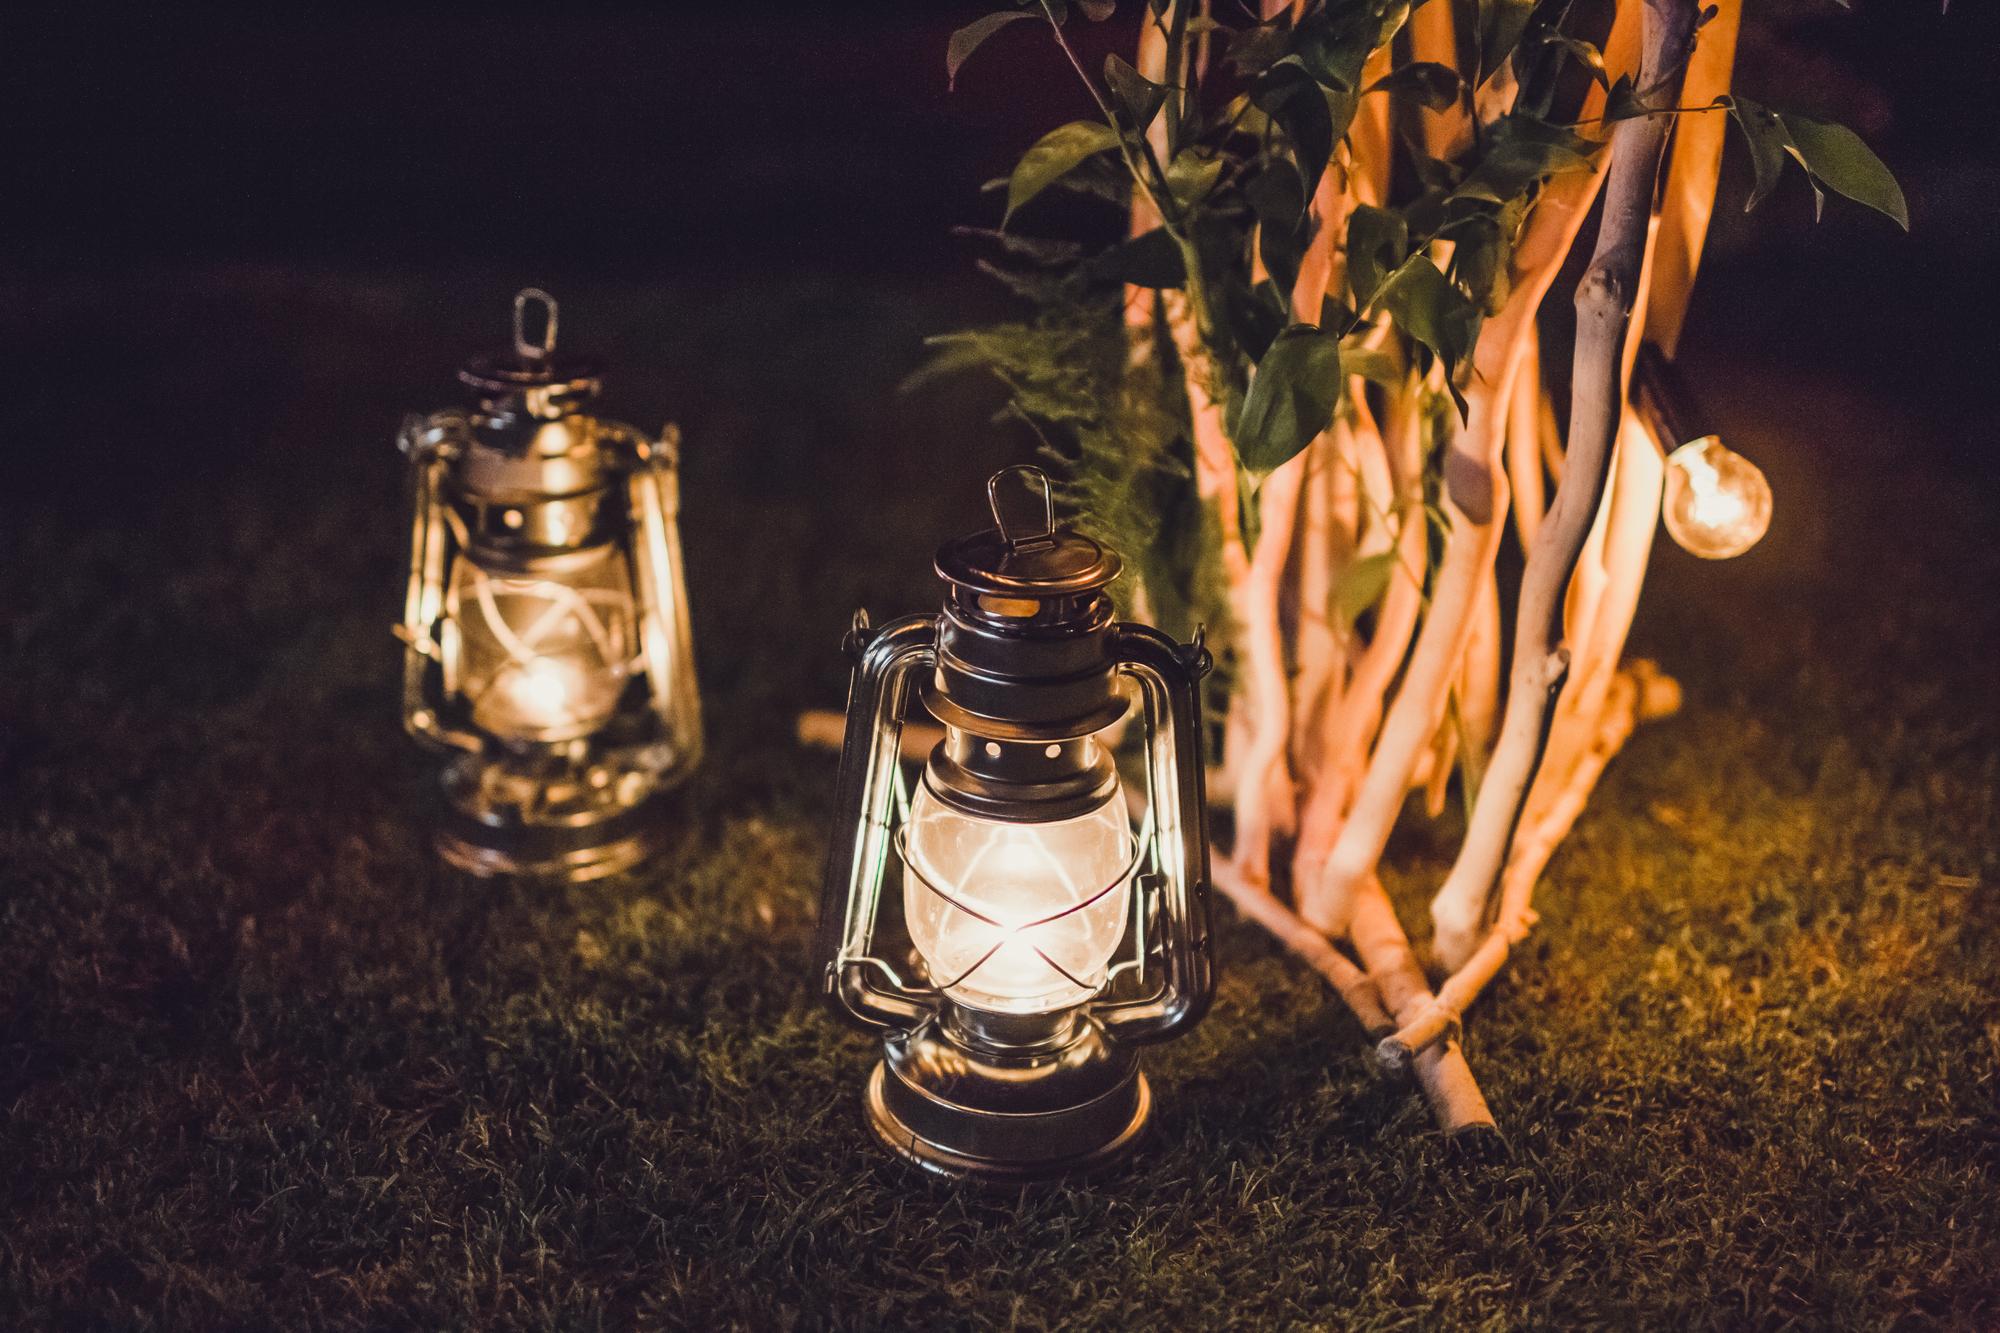 Gør terrassen klar til sommerfesterne med hyggelige lanterner